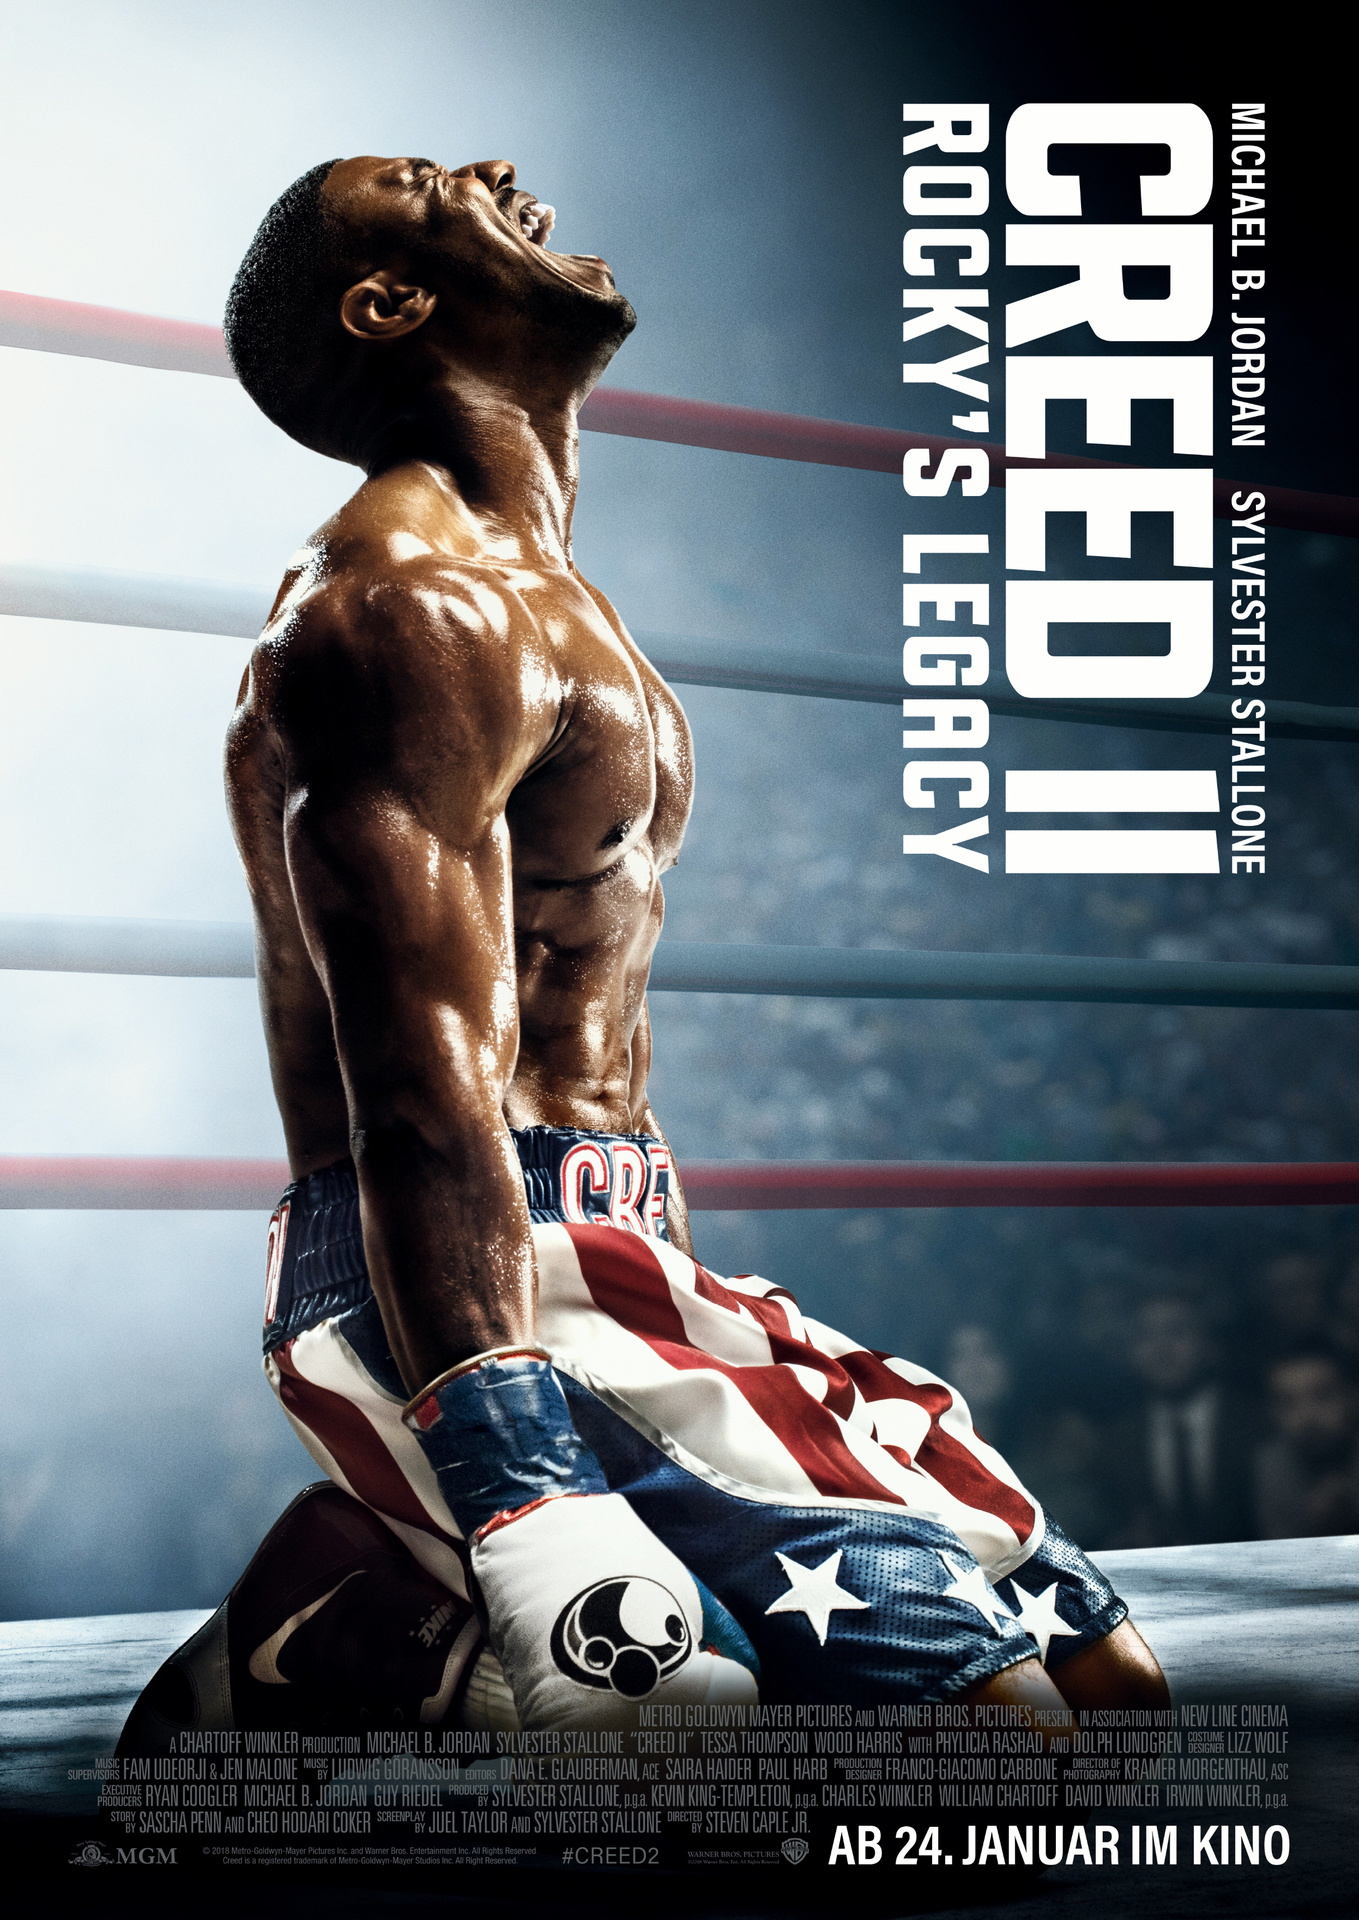 Creed 2 Kritik